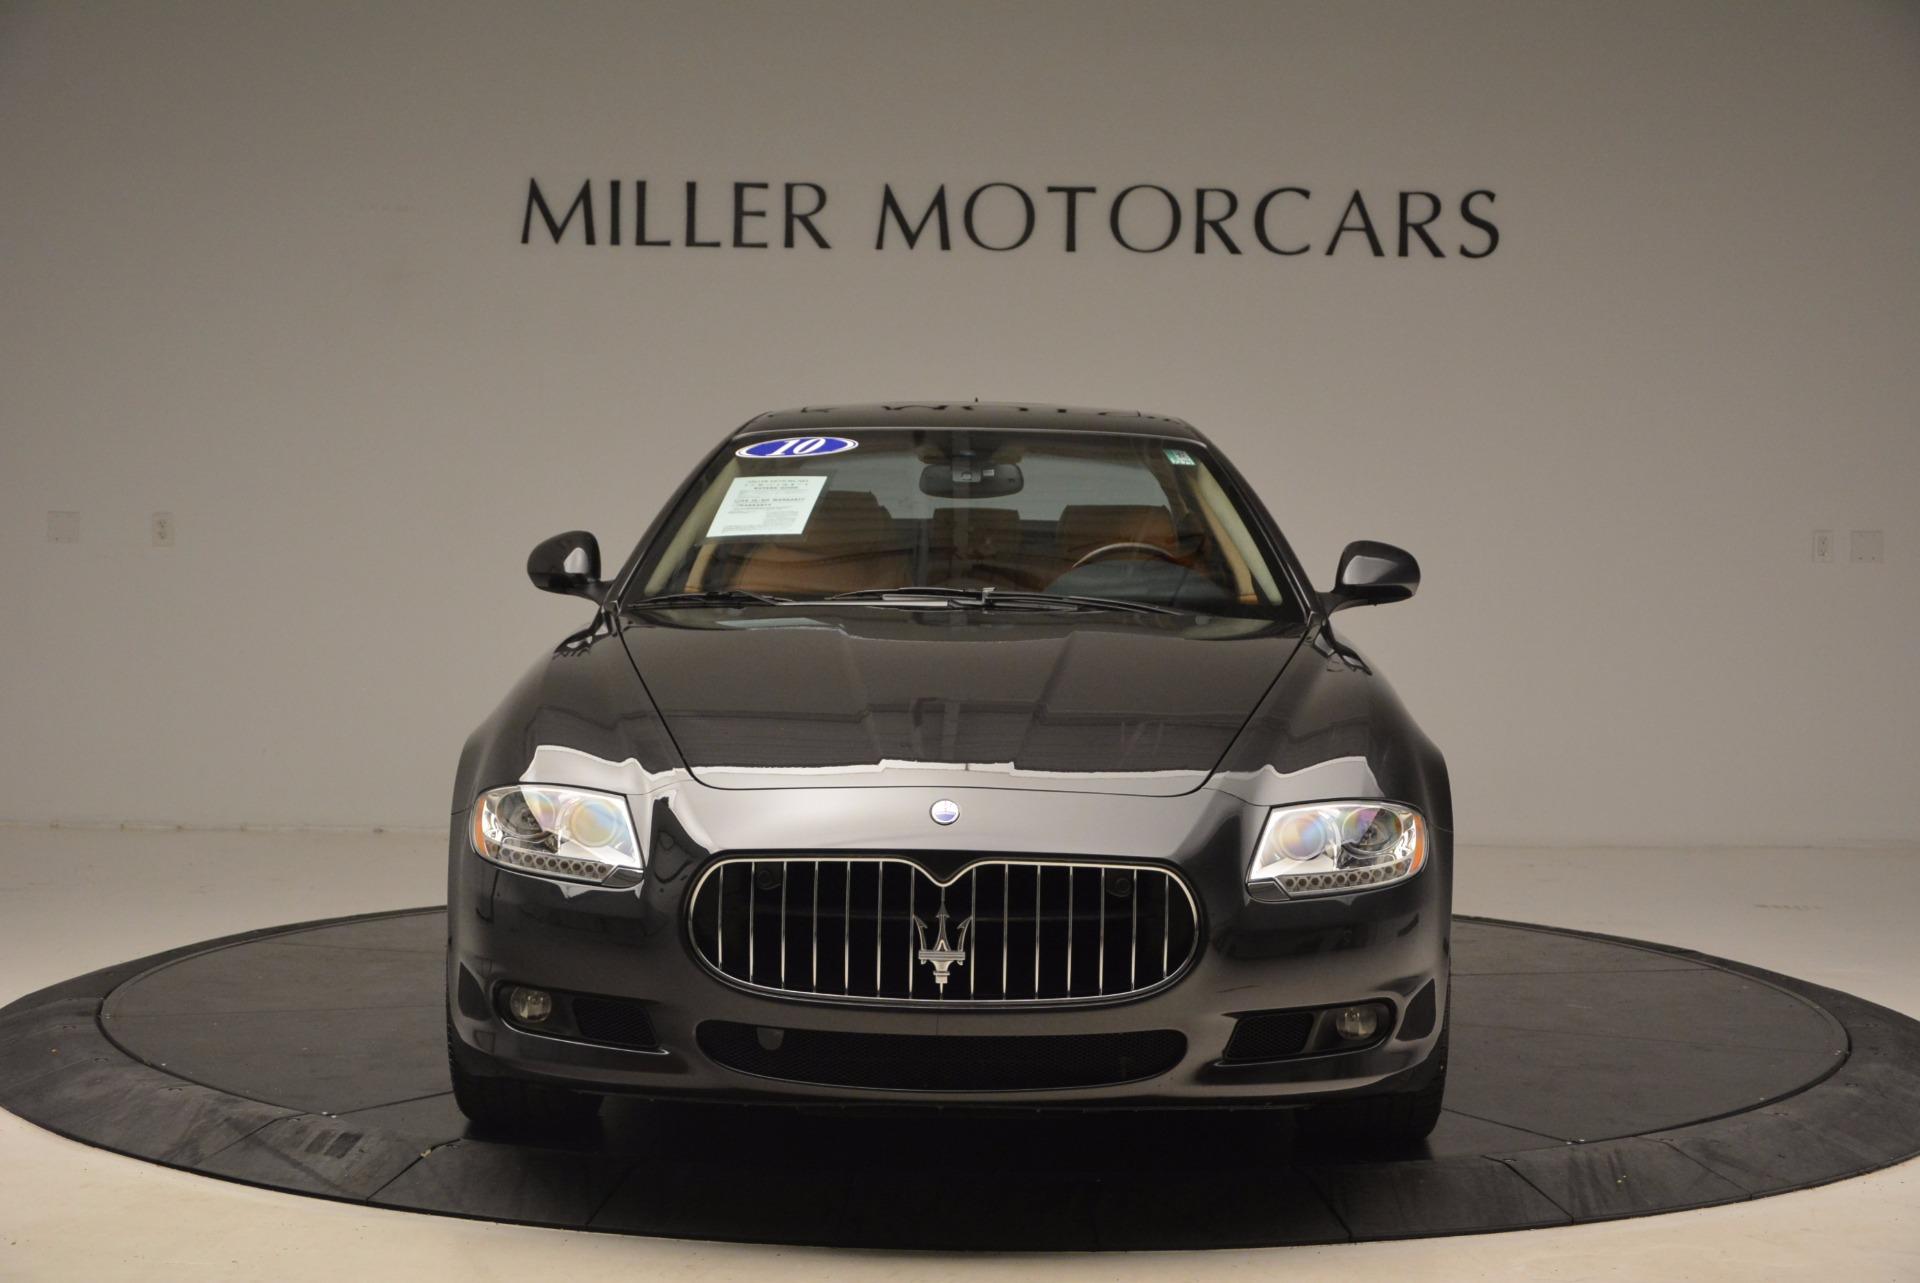 Used 2010 Maserati Quattroporte S For Sale In Greenwich, CT. Alfa Romeo of Greenwich, 7279 1551_p24